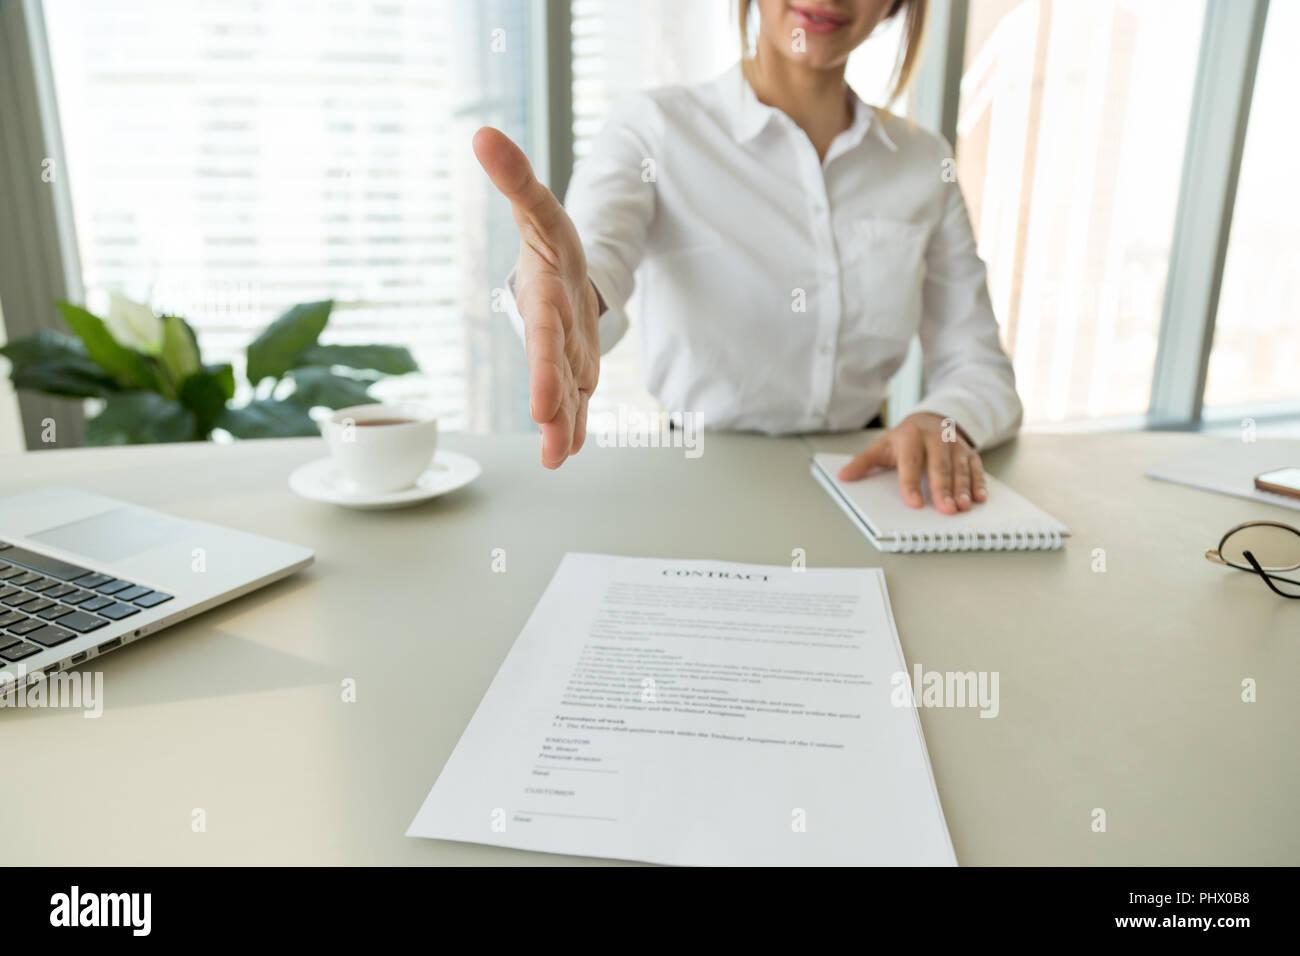 La empresaria empleador extender la mano para el apretón de manos que ofrecen sig Foto de stock